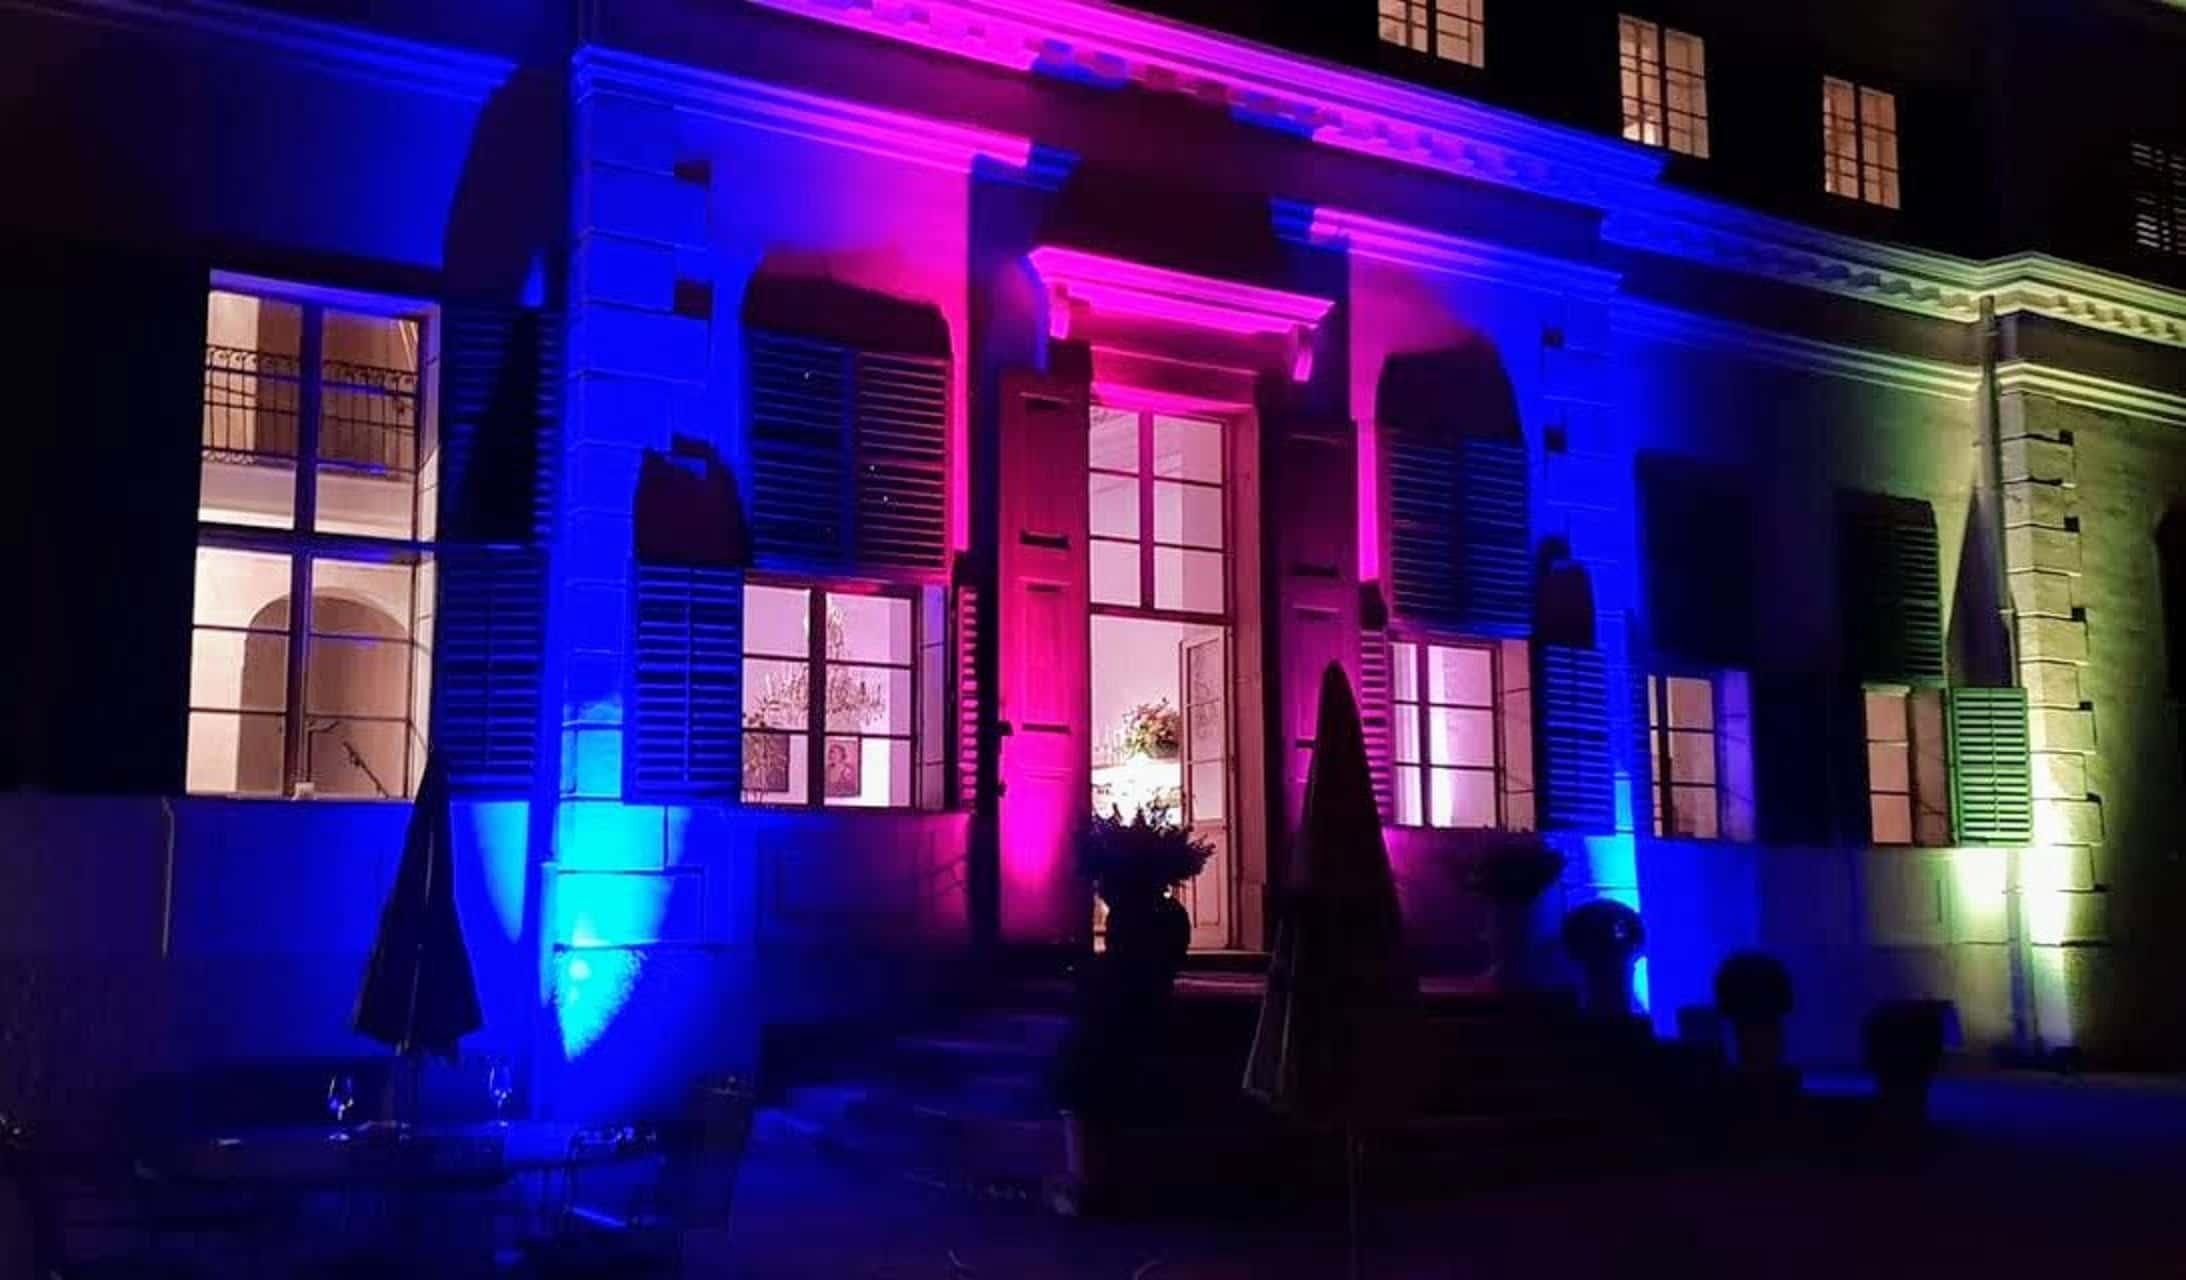 Schloss Rosegg in Kärnten beleuchtet für Event. Das Schloss ist Ausflugsziel, Veranstaltungsort und Hochzeitslocation Nähe Velden am Wörthersee